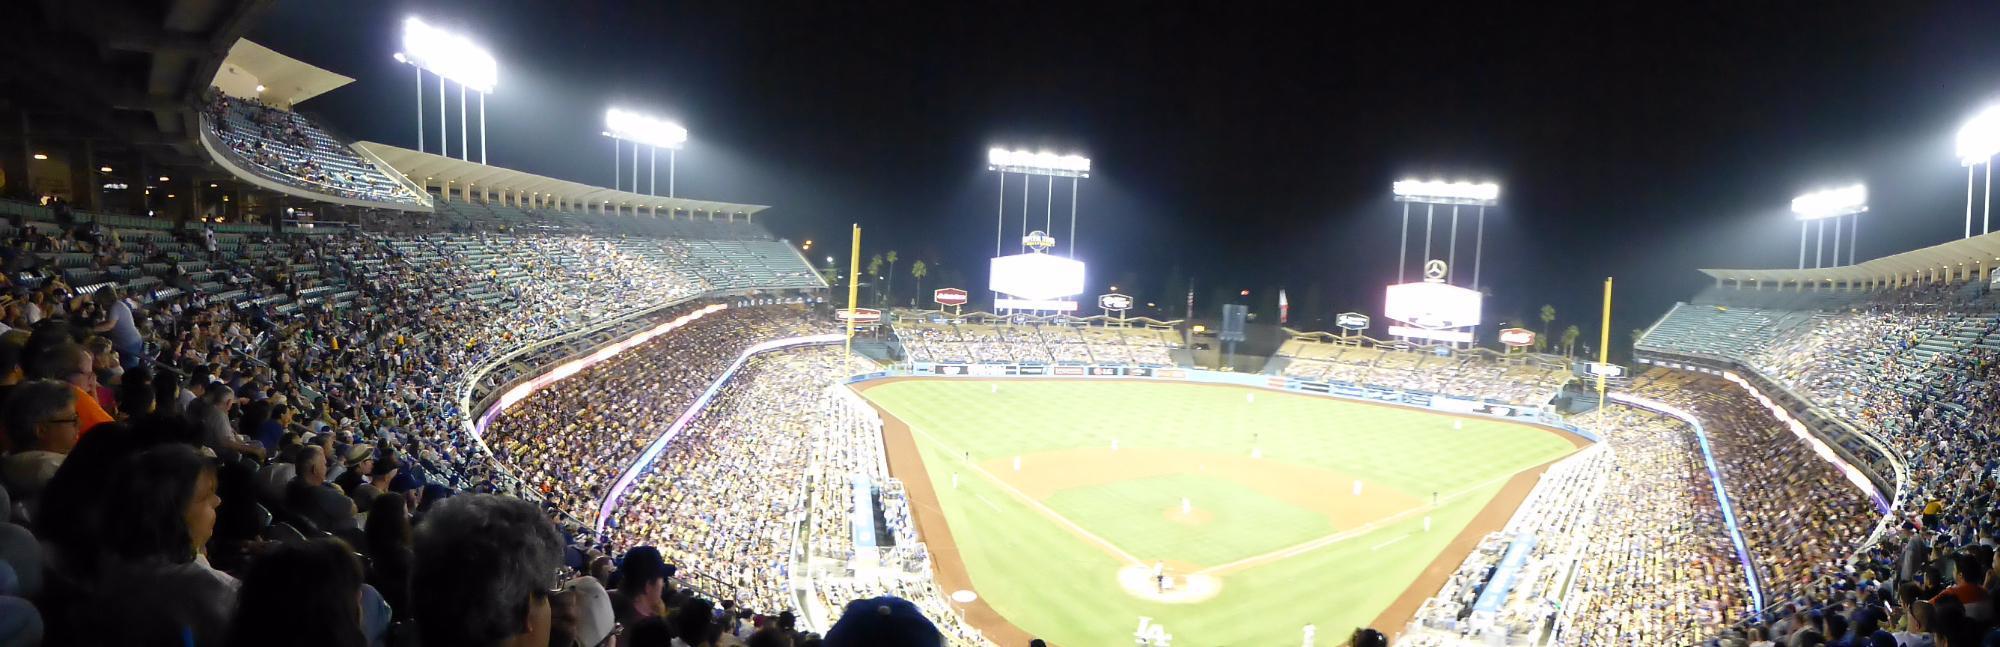 我是一个棒球迷,所以一般来说只要我去洛杉矶,我都会去看道奇队的